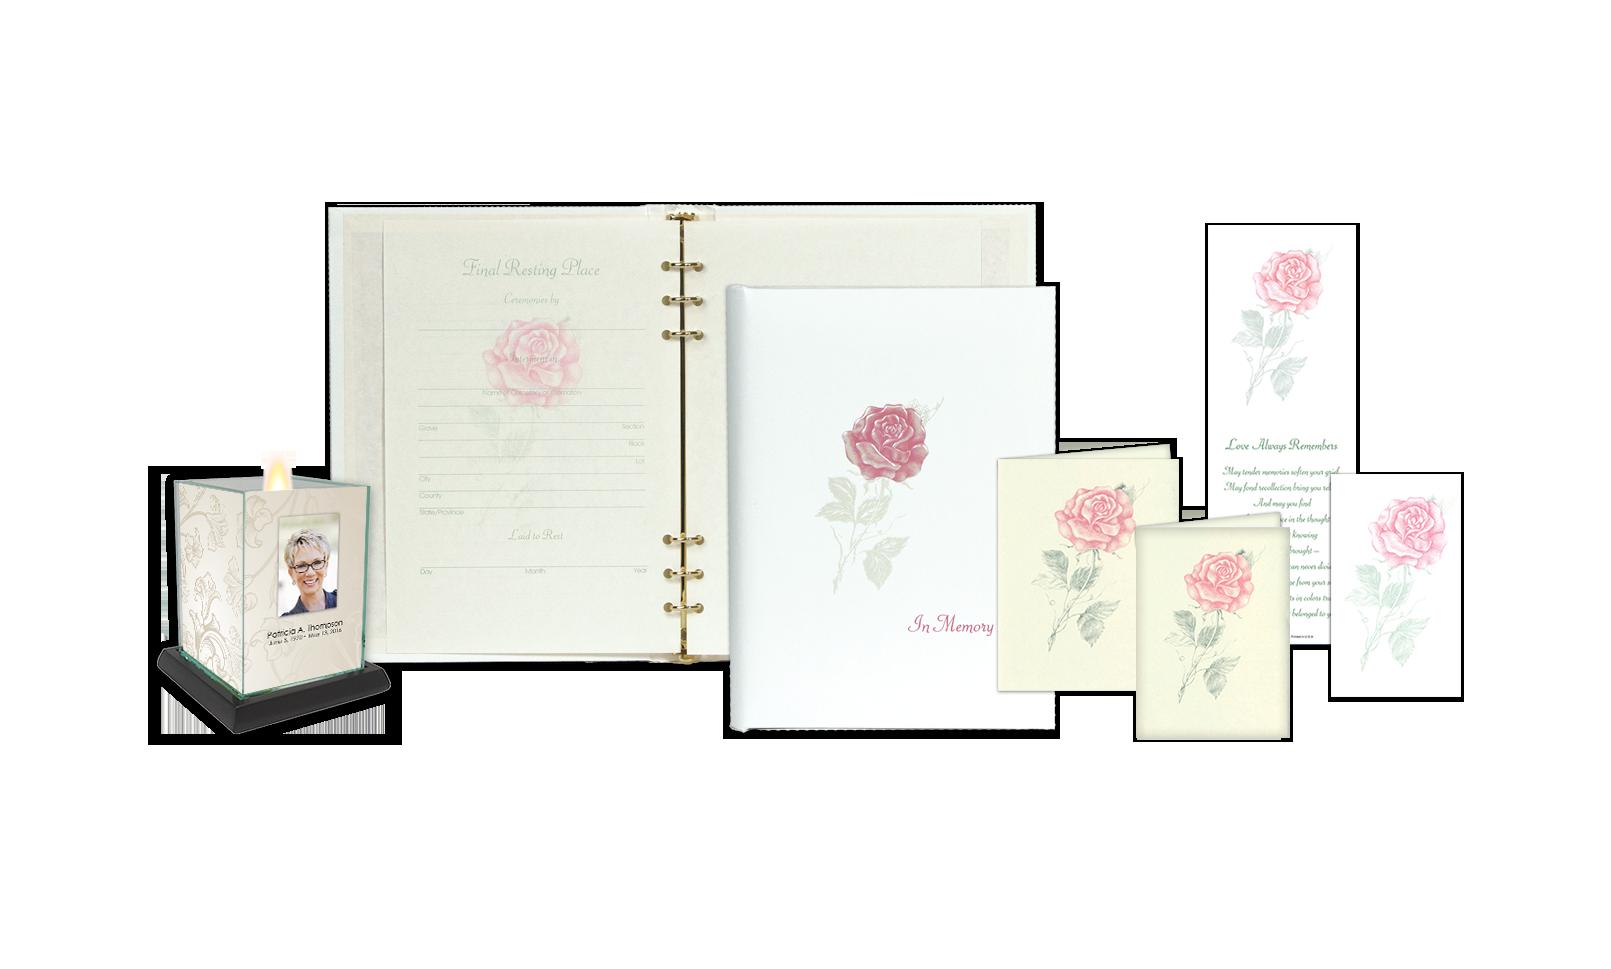 ROL Full Bloom Pink Rose Series 235 RP